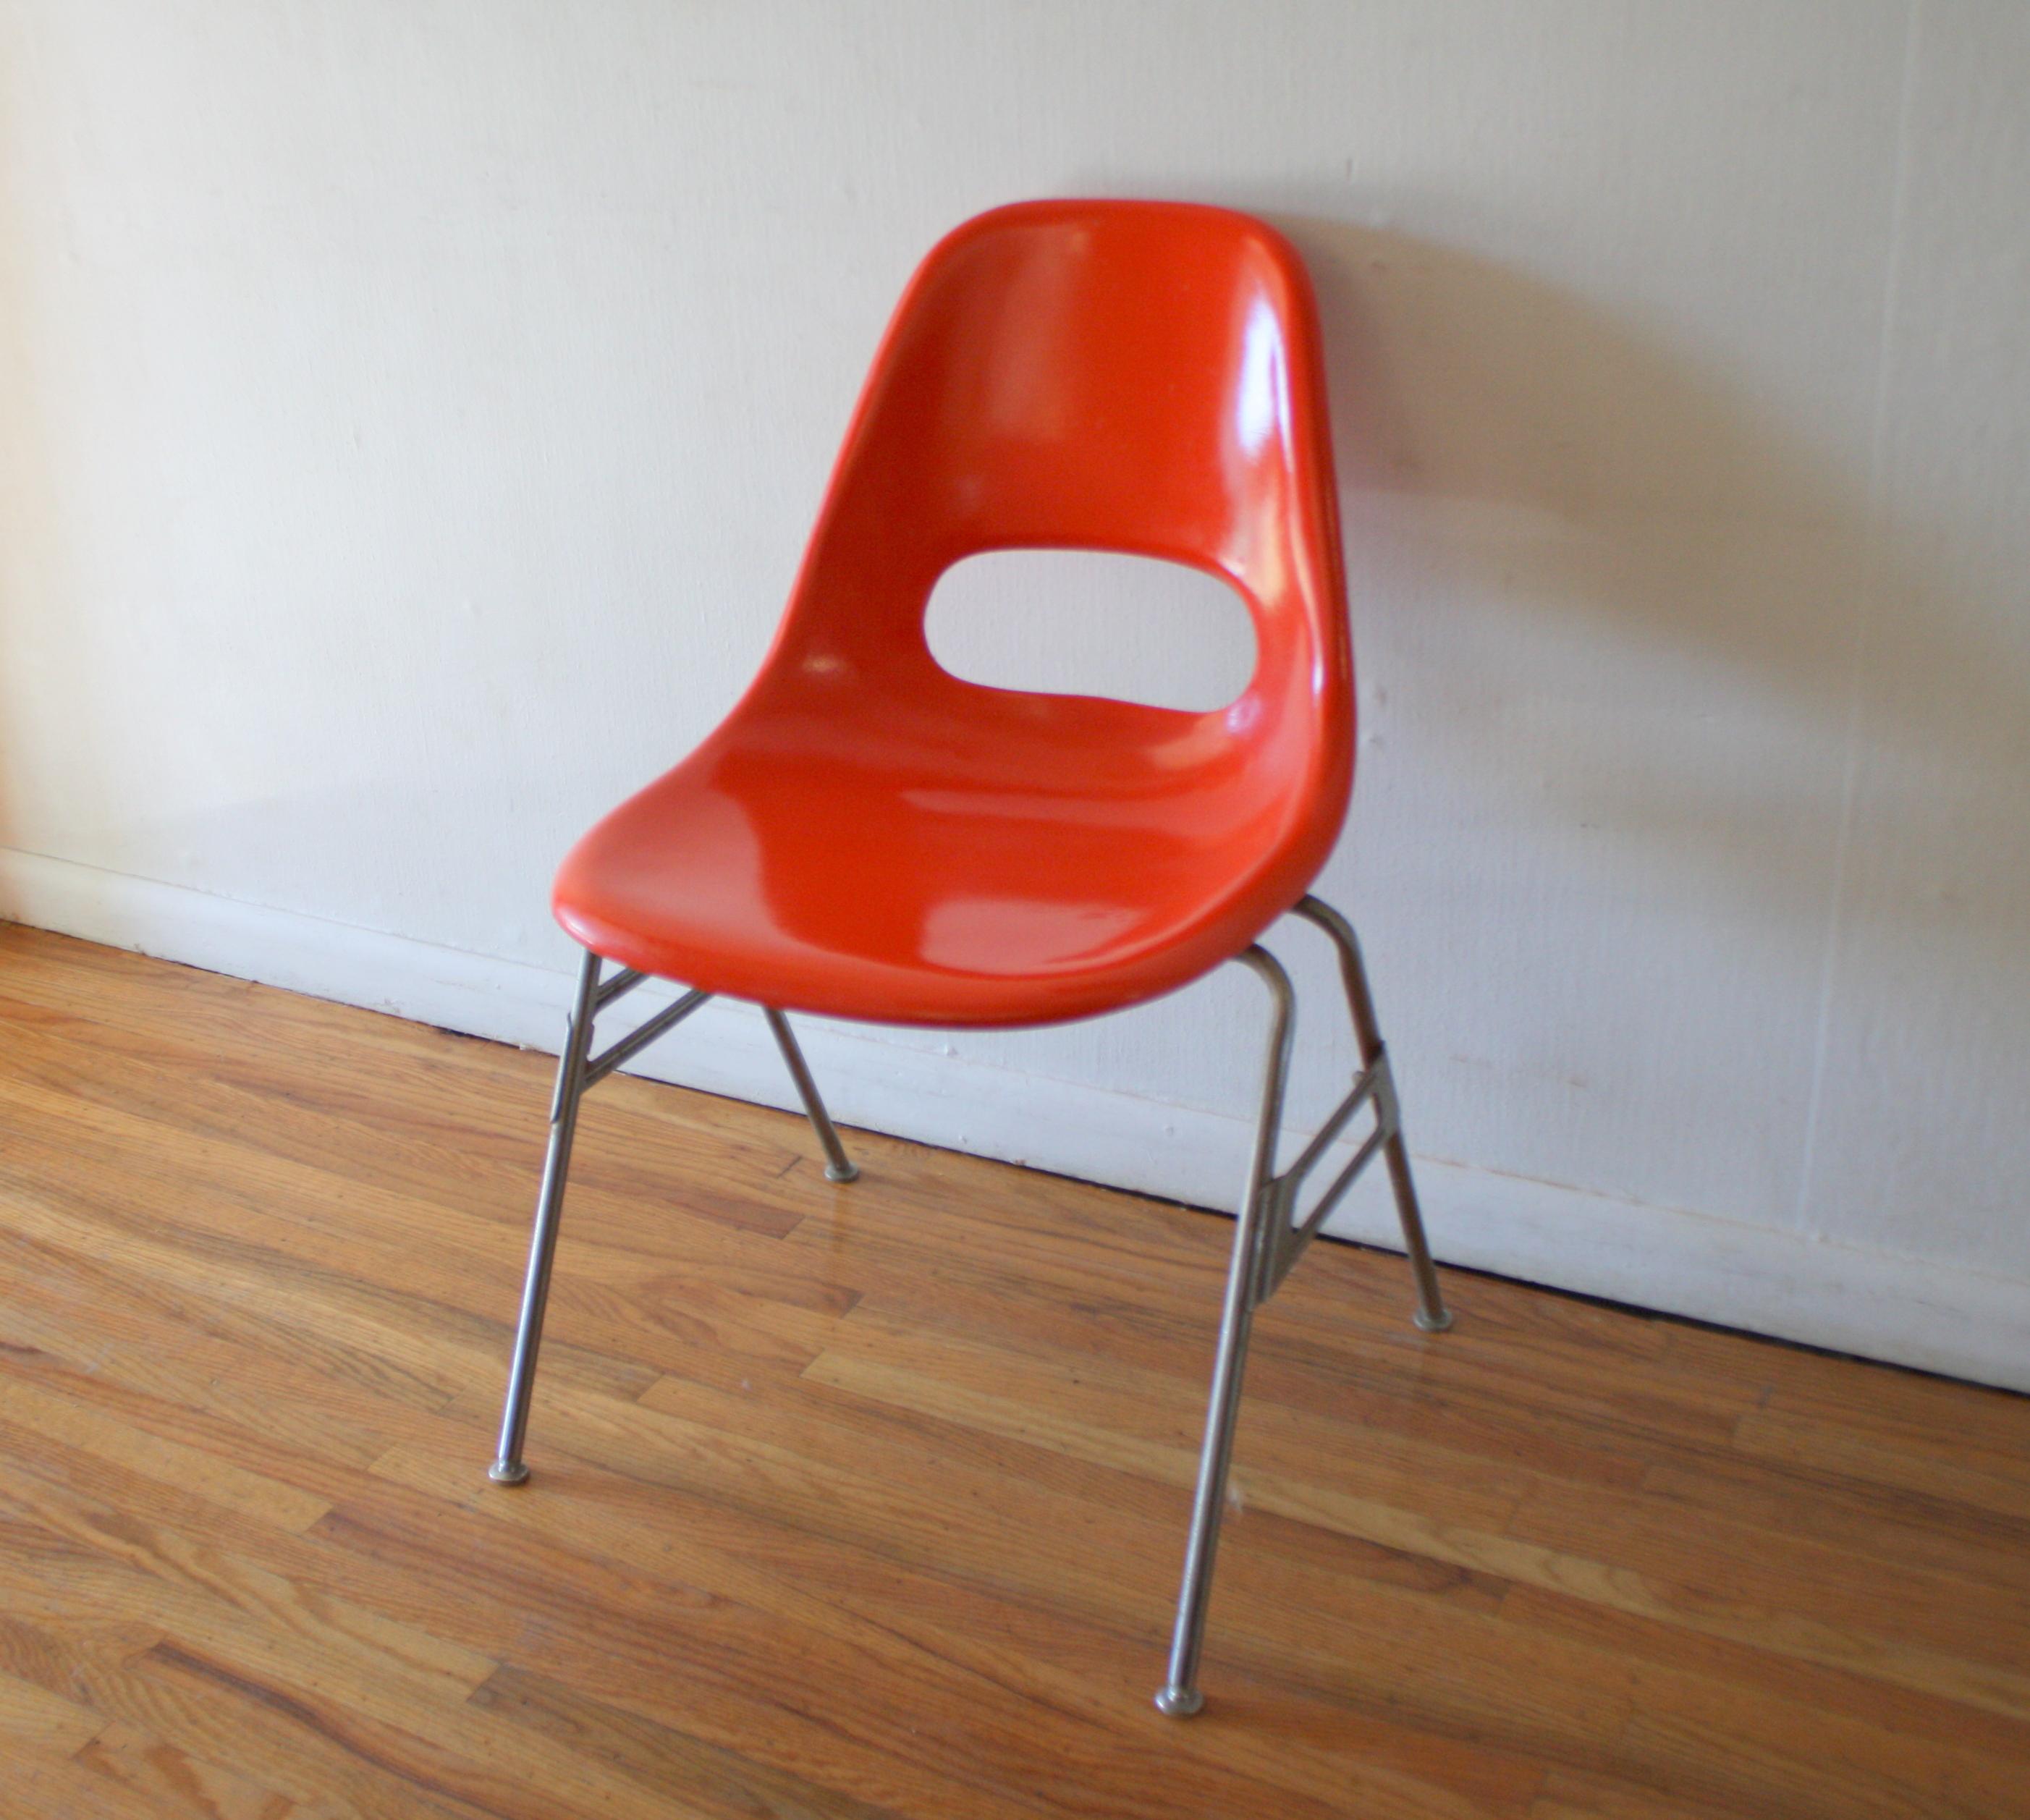 Kreuger Red Fiberglass Chair 1 ...